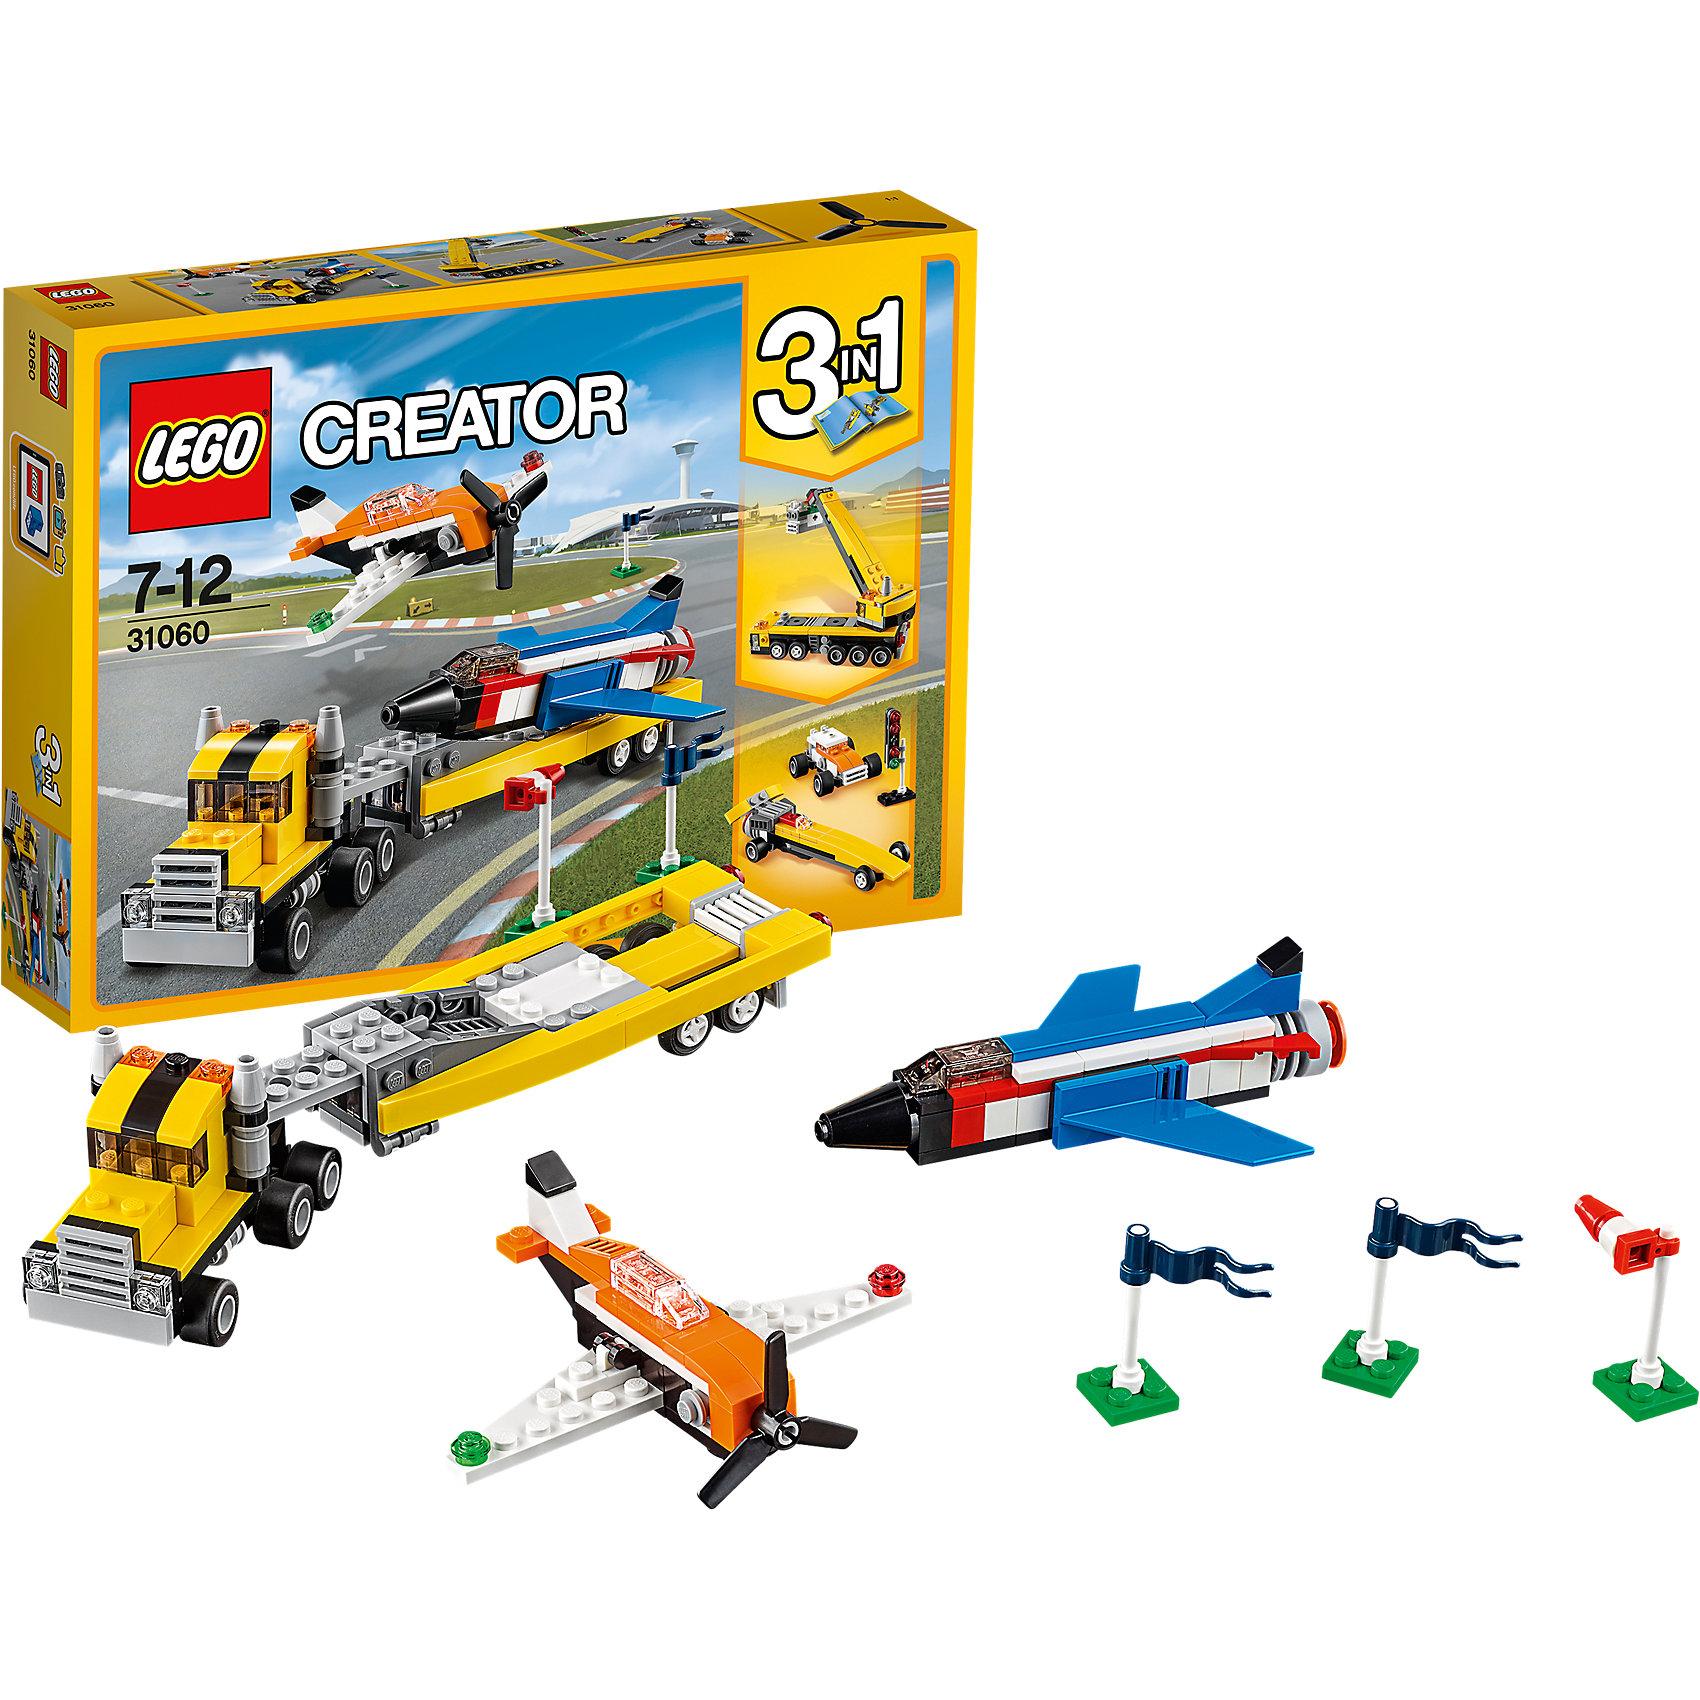 LEGO Creator 31060: Пилотажная группаПластмассовые конструкторы<br>LEGO Creator 31060: Пилотажная группа<br><br>Характеристики:<br><br>- в набор входит: детали для двух самолетов и грузовика, аксессуары, красочная инструкция<br>- состав: пластик<br>- количество деталей: 246<br>- размер сверхзвукового самолета: 12 * 3 * 9 см.<br>- размер самолета с пропеллером: 11 * 4 * 8 см.<br>- размер грузовика с прицепом: 25 * 4 * 5 см.<br>- для детей в возрасте: от 7 до 12 лет<br>- Страна производитель: Дания/Китай/Чехия<br><br>Легендарный конструктор LEGO (ЛЕГО) представляет серию «Creator» (Криэйтор), которая позволяет детям экспериментировать с домами, машинами, самолетами и существами. Каждый набор этой серии подразумевает перестройку тремя разными способами убирая ограничения веселья! Набор Пилотажная группа понравится юным любителям авиации, ведь с ним вы можете устроить свое уникальное авиа шоу. В набор входит сверхзвуковой самолет, самолет с пропеллером и большой грузовик с отсоединяемым прицепом для погрузки в него самолета. Крылья самолета с пропеллером двигаются, а грузовик с прицепом можно перестроить в две гоночные машины. В аксессуары входят два разборных флажка, светофор и флюгер для проверки силы и направления ветра до проведения полетов. Играя с конструктором ребенок развивает моторику рук, воображение и логическое мышление, научится собирать по инструкции и создавать свои модели. Придумывайте новые игры с набором LEGO «Creator»!<br><br>Конструктор LEGO Creator 31060: Пилотажная группа можно купить в нашем интернет-магазине.<br><br>Ширина мм: 265<br>Глубина мм: 190<br>Высота мм: 50<br>Вес г: 339<br>Возраст от месяцев: 84<br>Возраст до месяцев: 144<br>Пол: Мужской<br>Возраст: Детский<br>SKU: 5002530